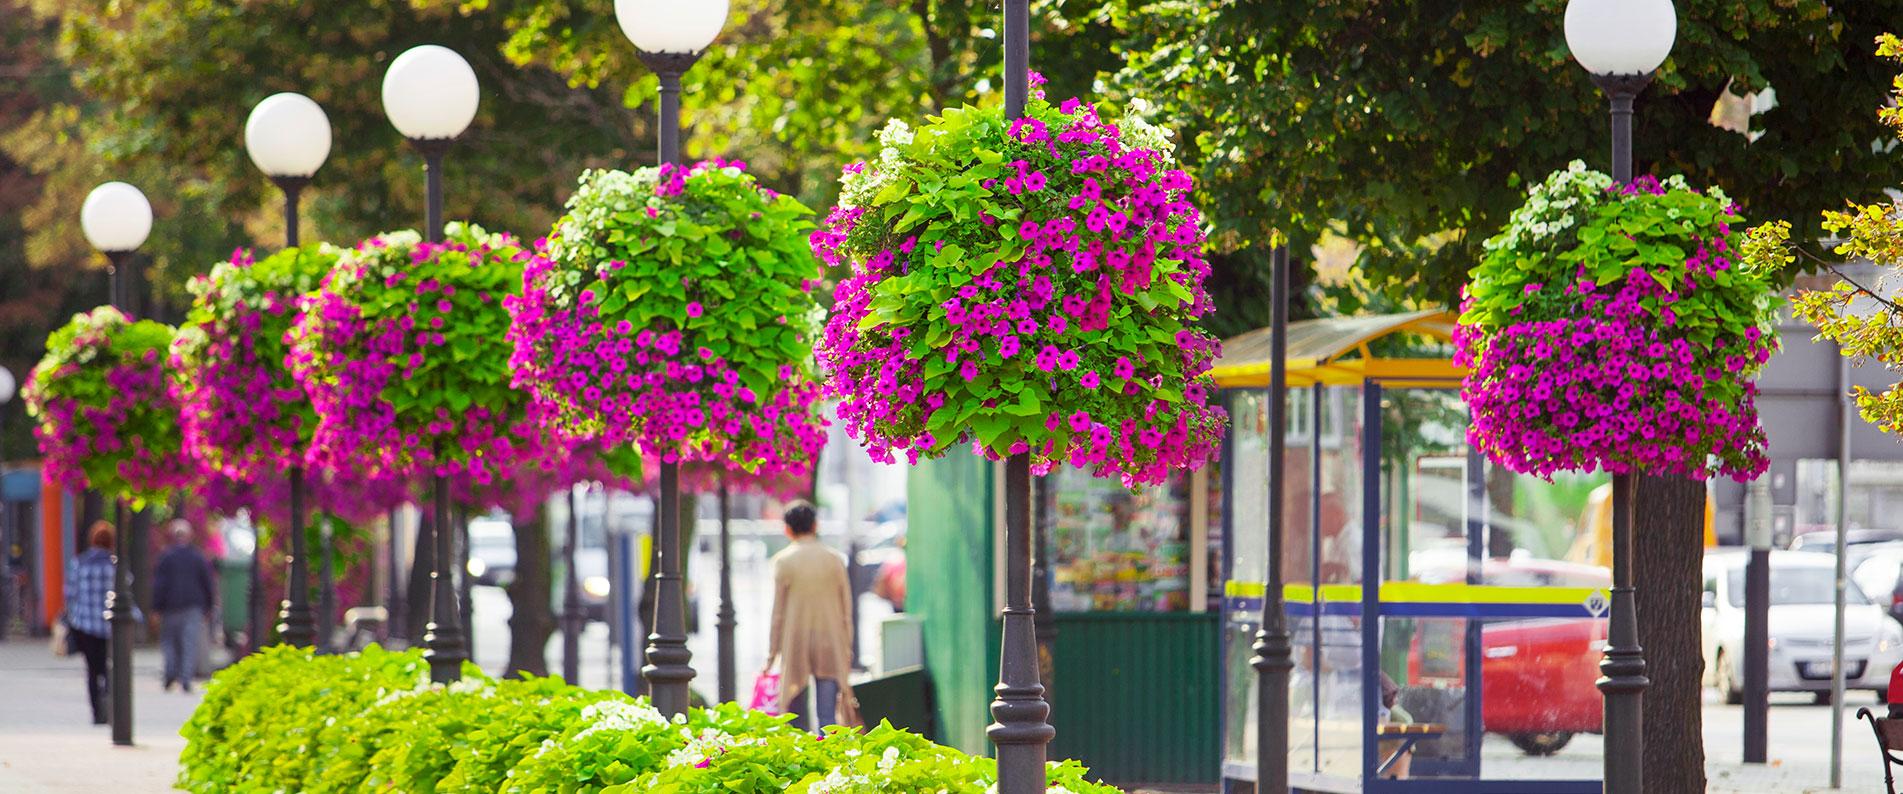 различных растения на улицах города фото соотечественники привыкли